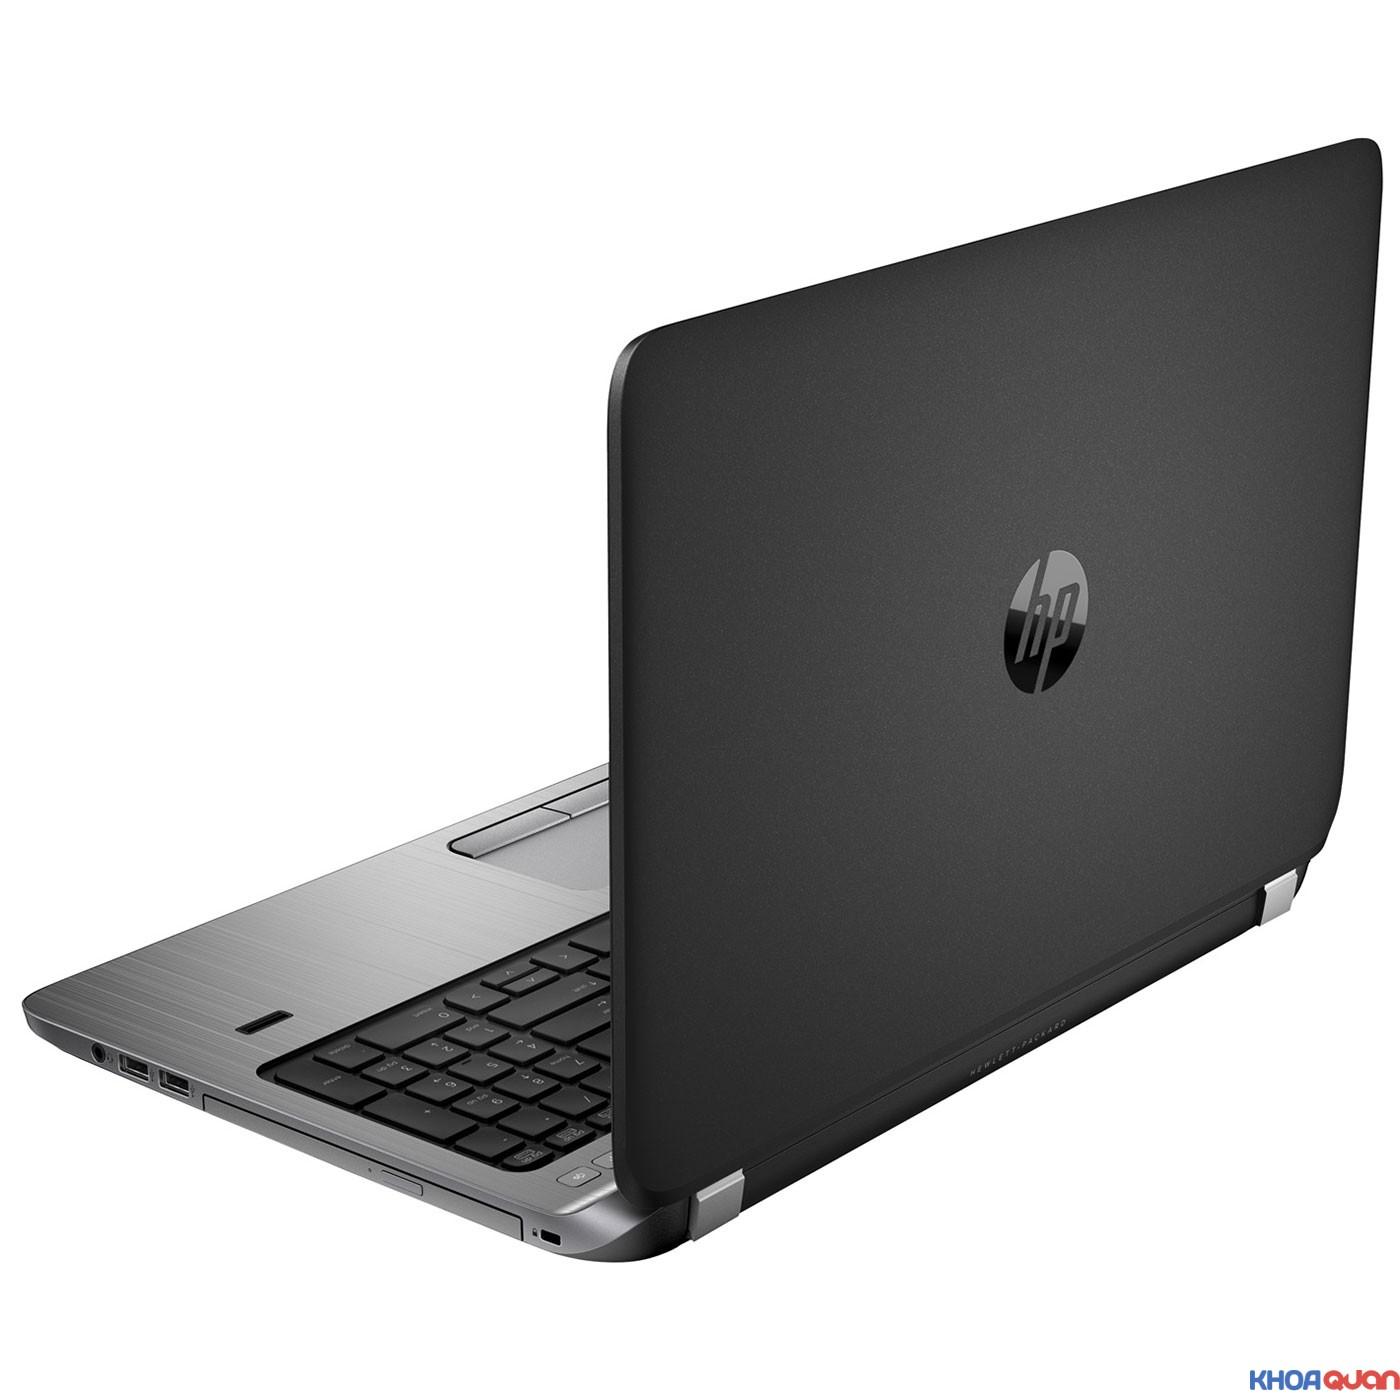 HP Probook 450 G2 I5 15-4